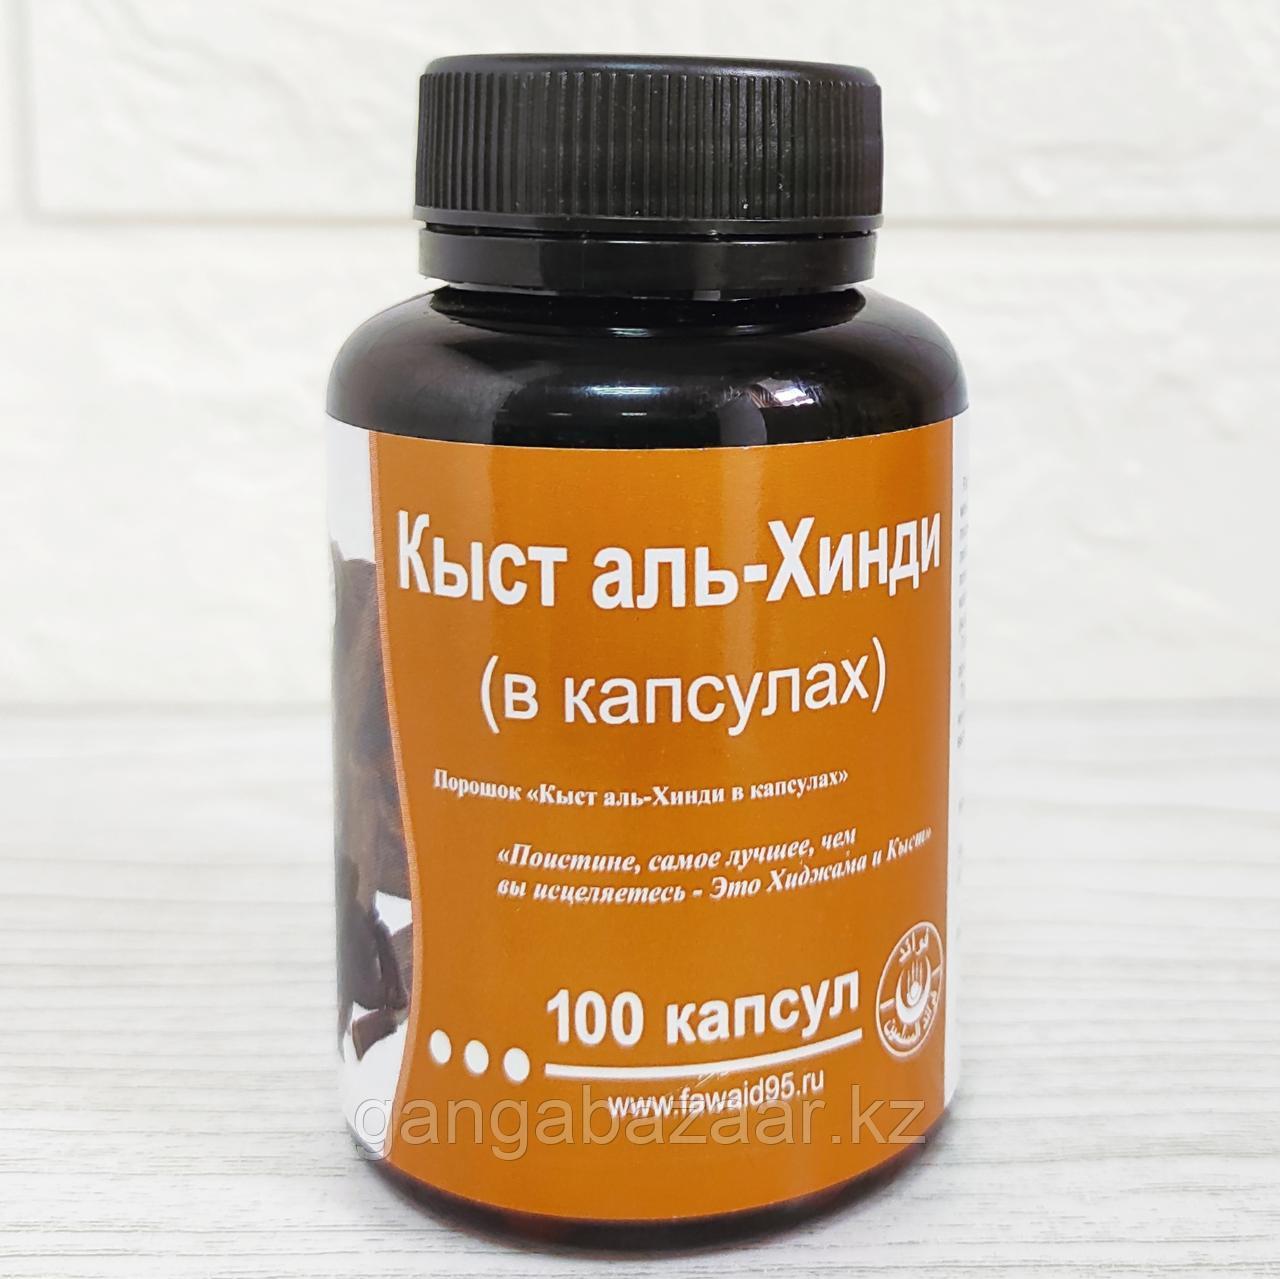 Кыст аль-Хинди -  для улучшения защитной функции организма, природный антибиотик, 100 капс